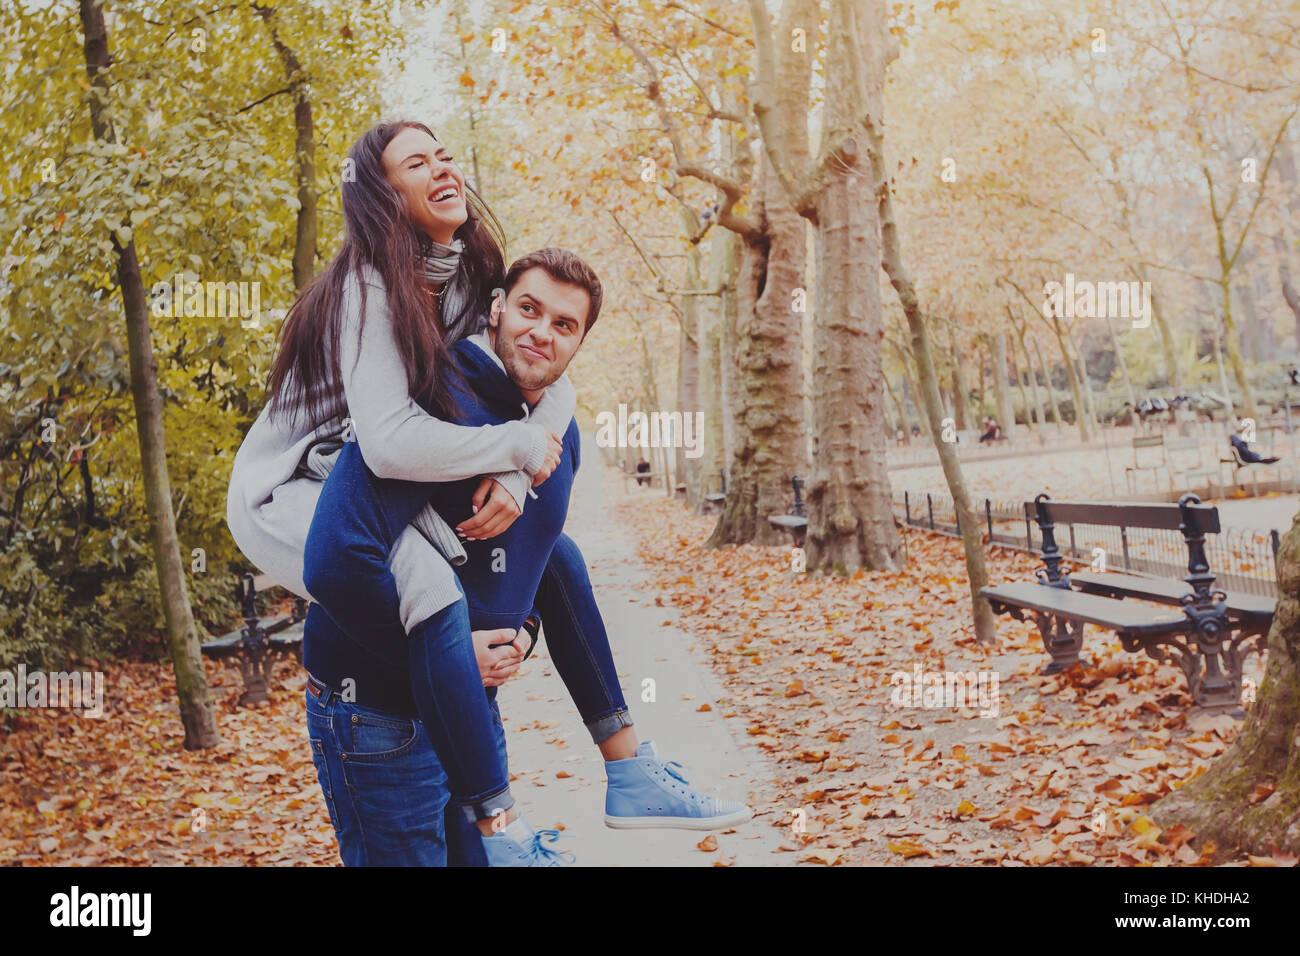 Mann, Frau, Huckepack, dating, junges Paar im Herbst park Lachen Stockbild